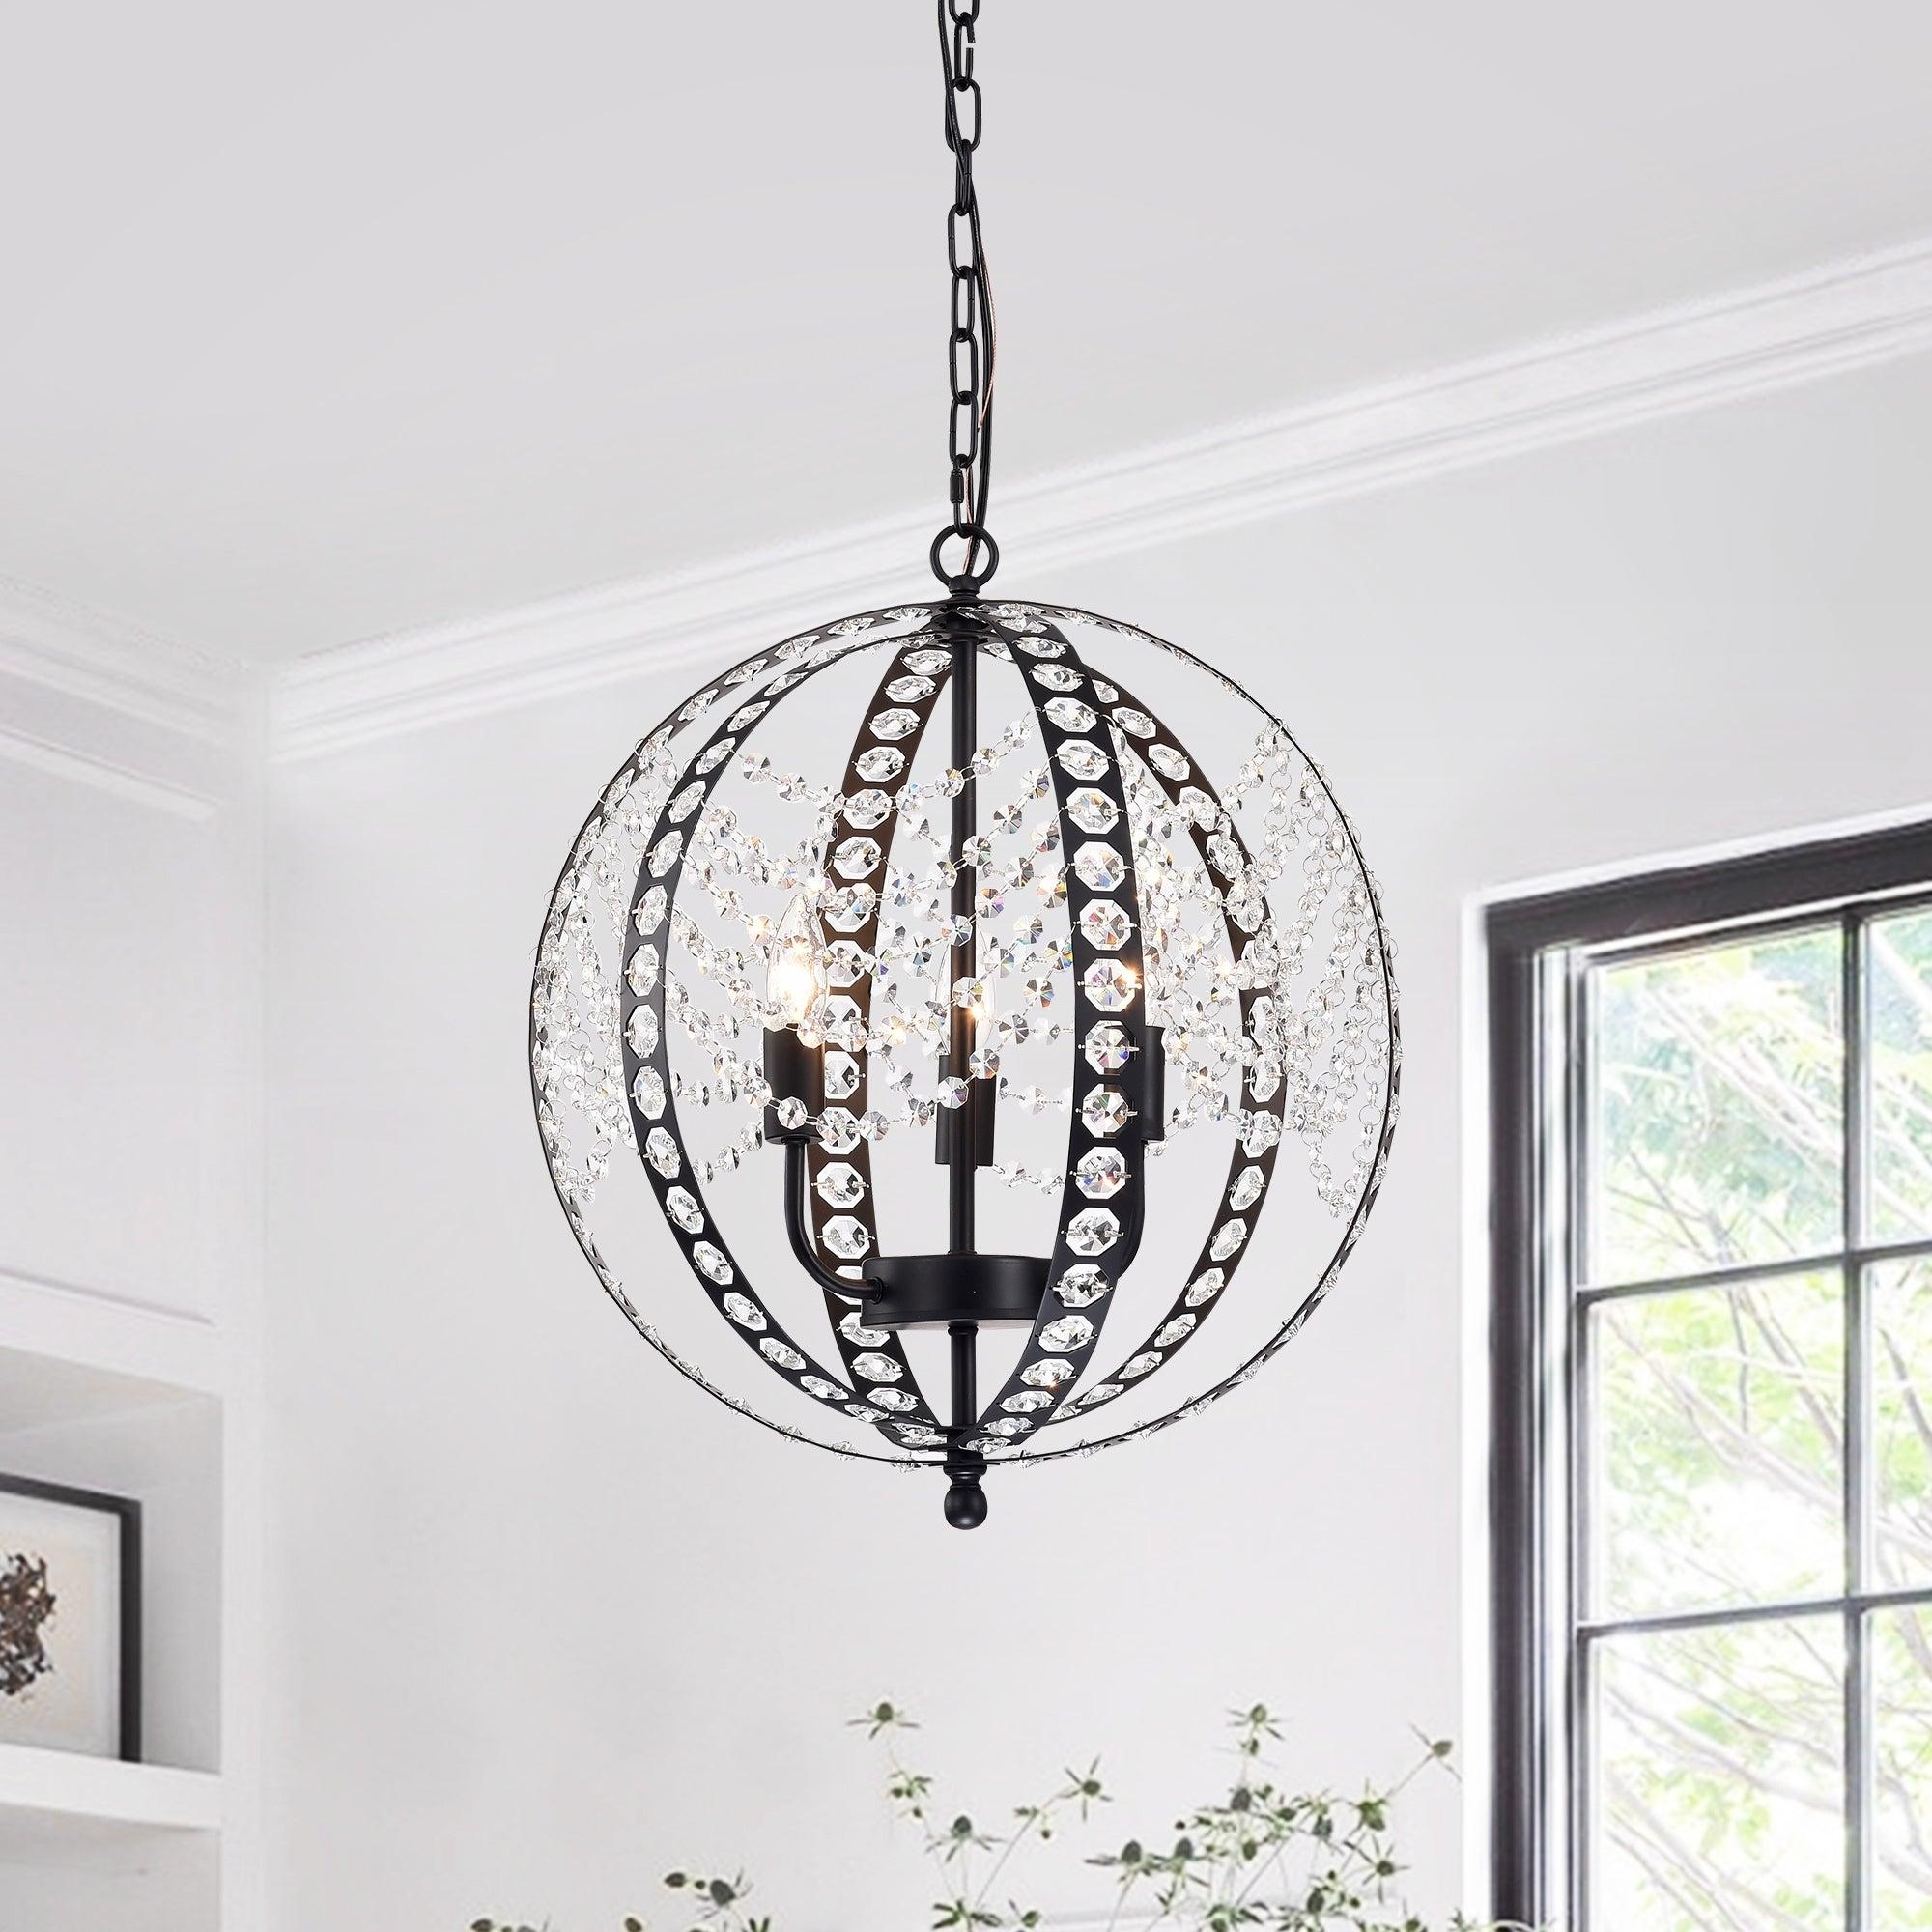 Black, Crystal Ceiling Lights | Shop Our Best Lighting in Johanne 6-Light Sputnik Chandeliers (Image 2 of 30)